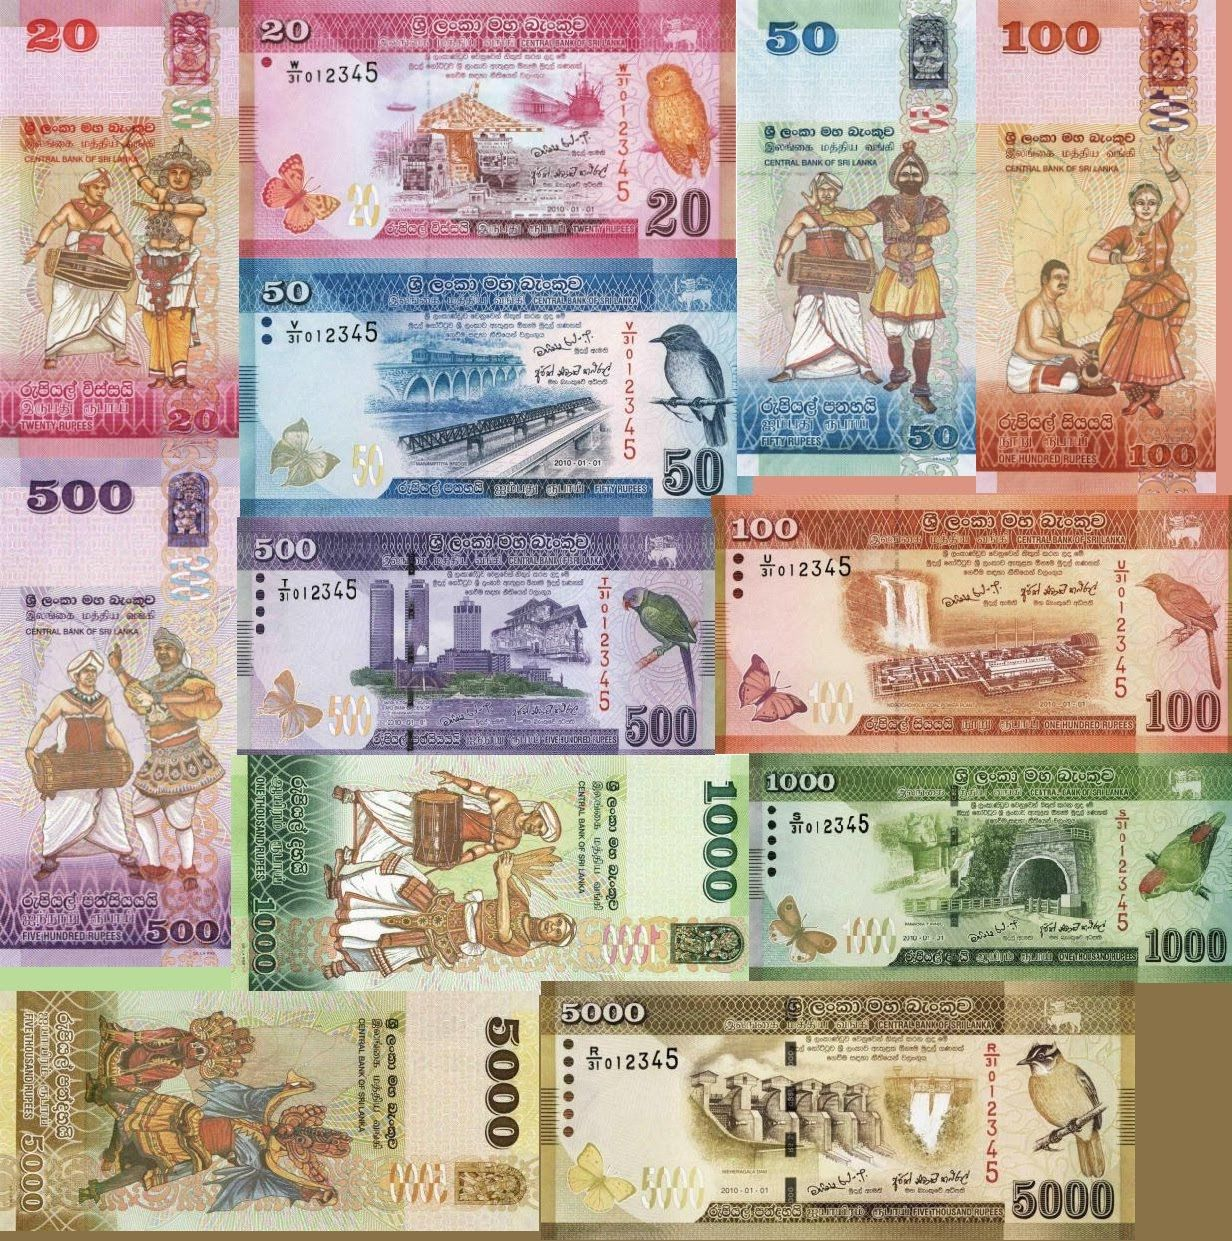 Sri Lanka Currency